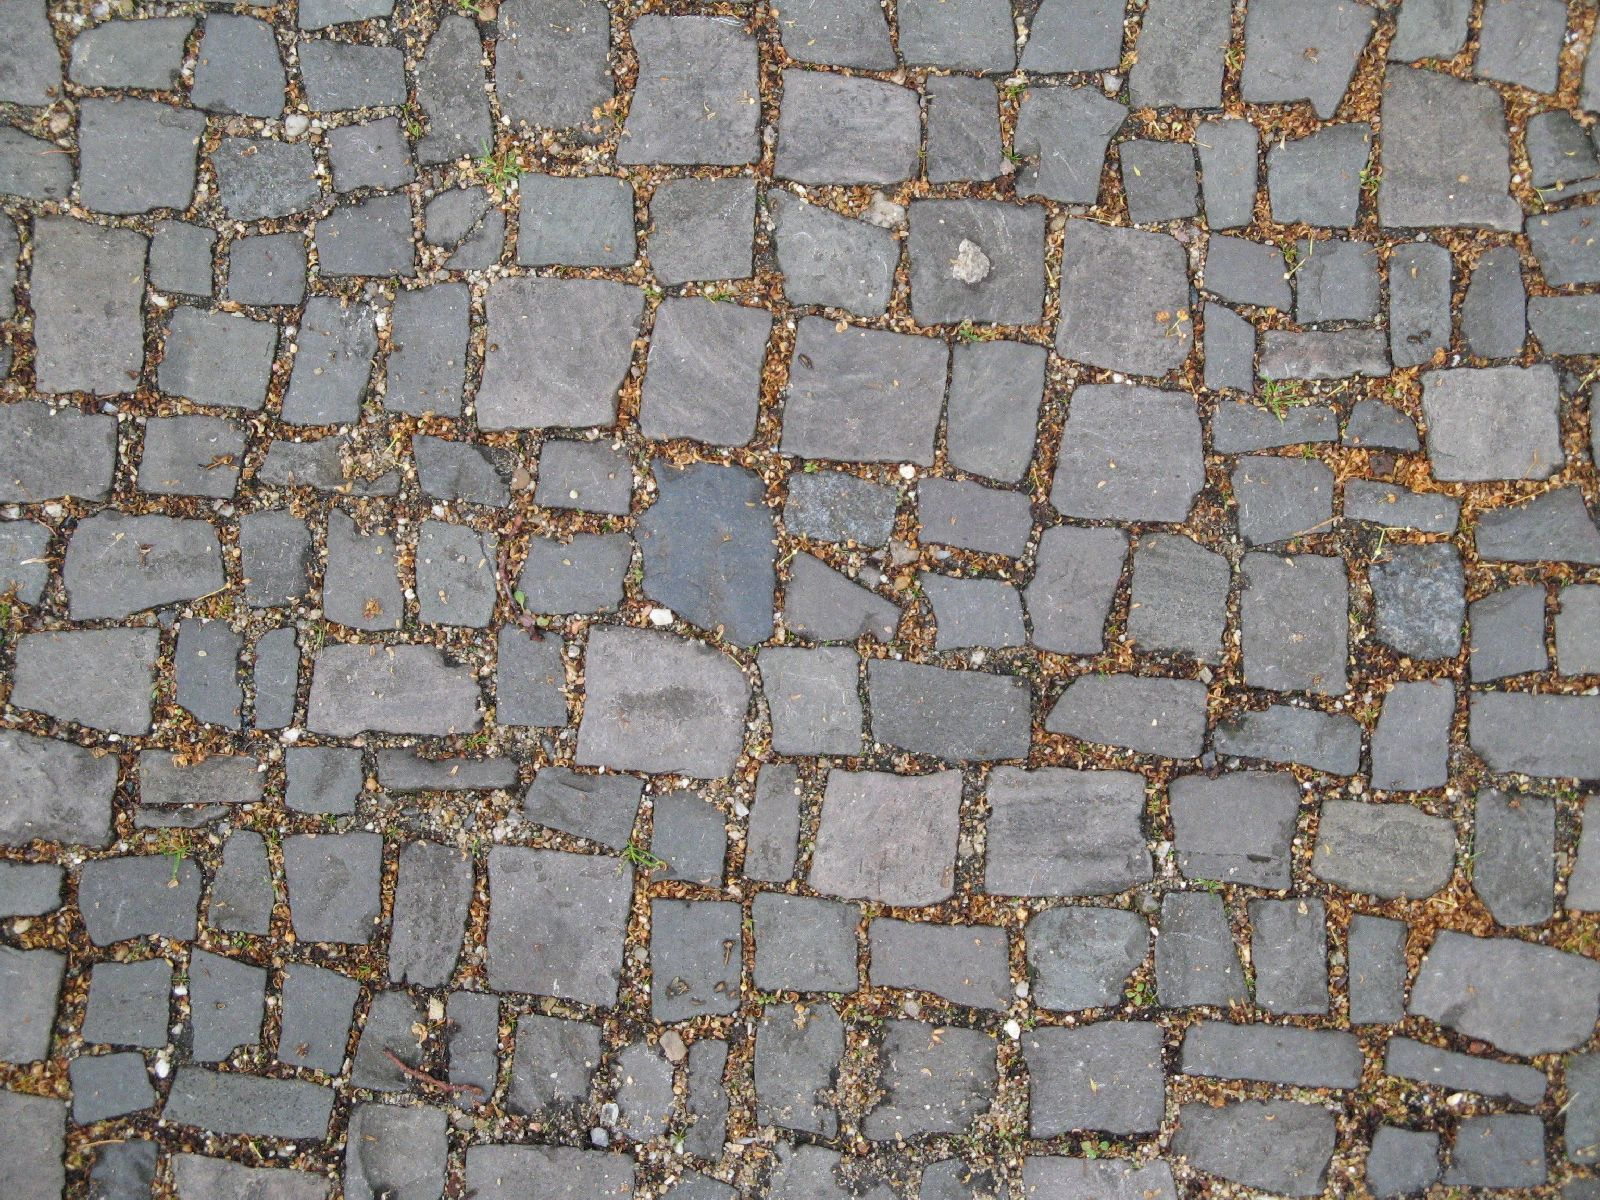 Ground-Urban_Texture_B_0497